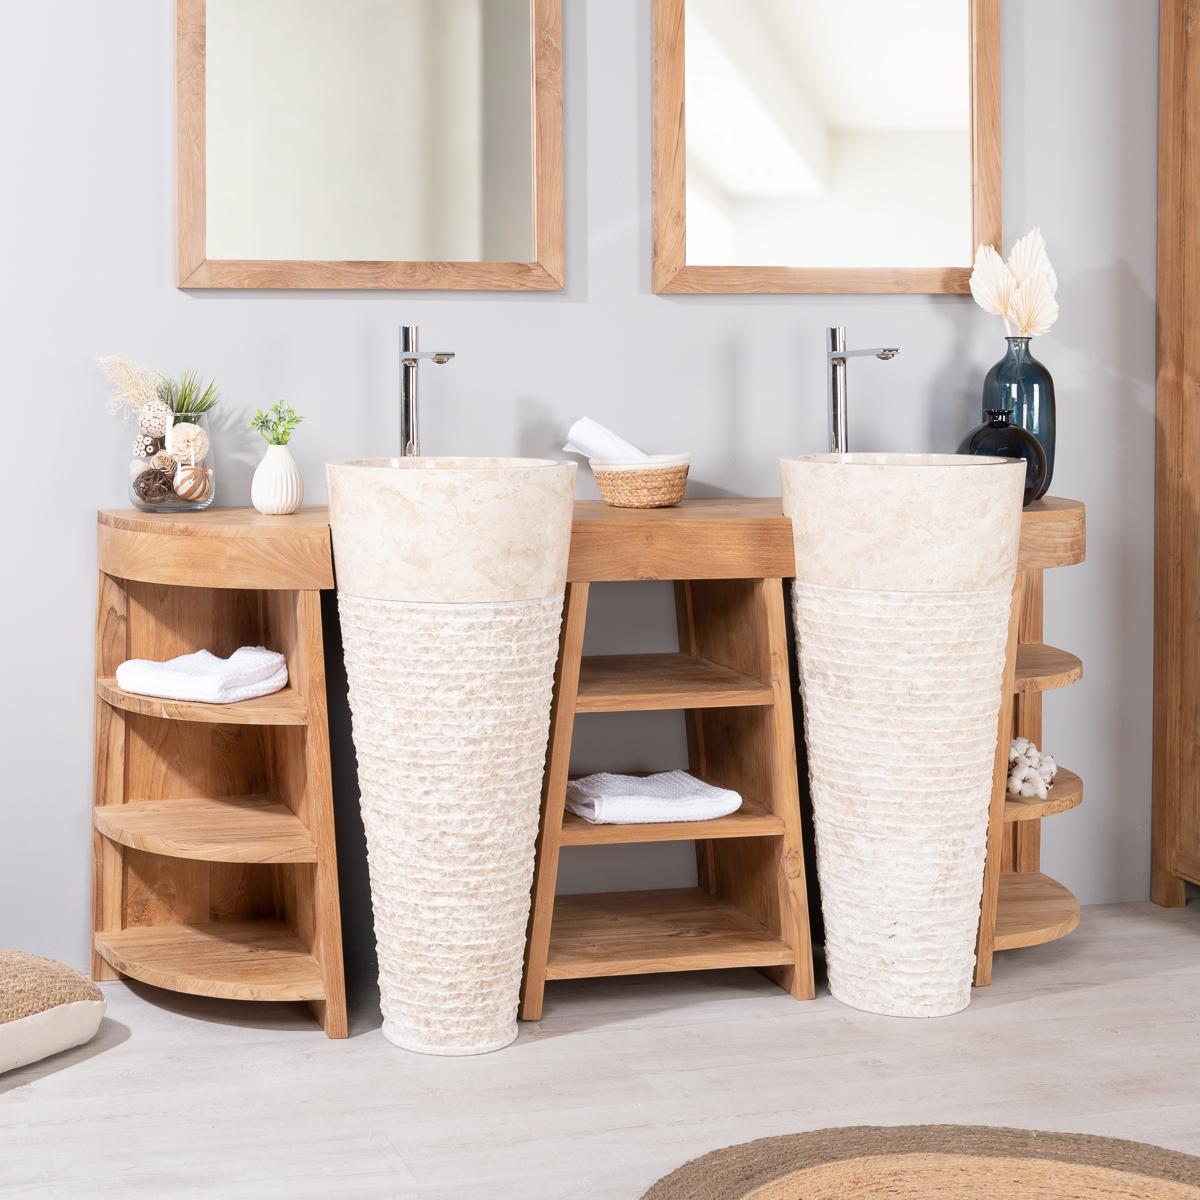 meuble sous vasque double vasque en bois teck massif vasques marbre florence naturel. Black Bedroom Furniture Sets. Home Design Ideas